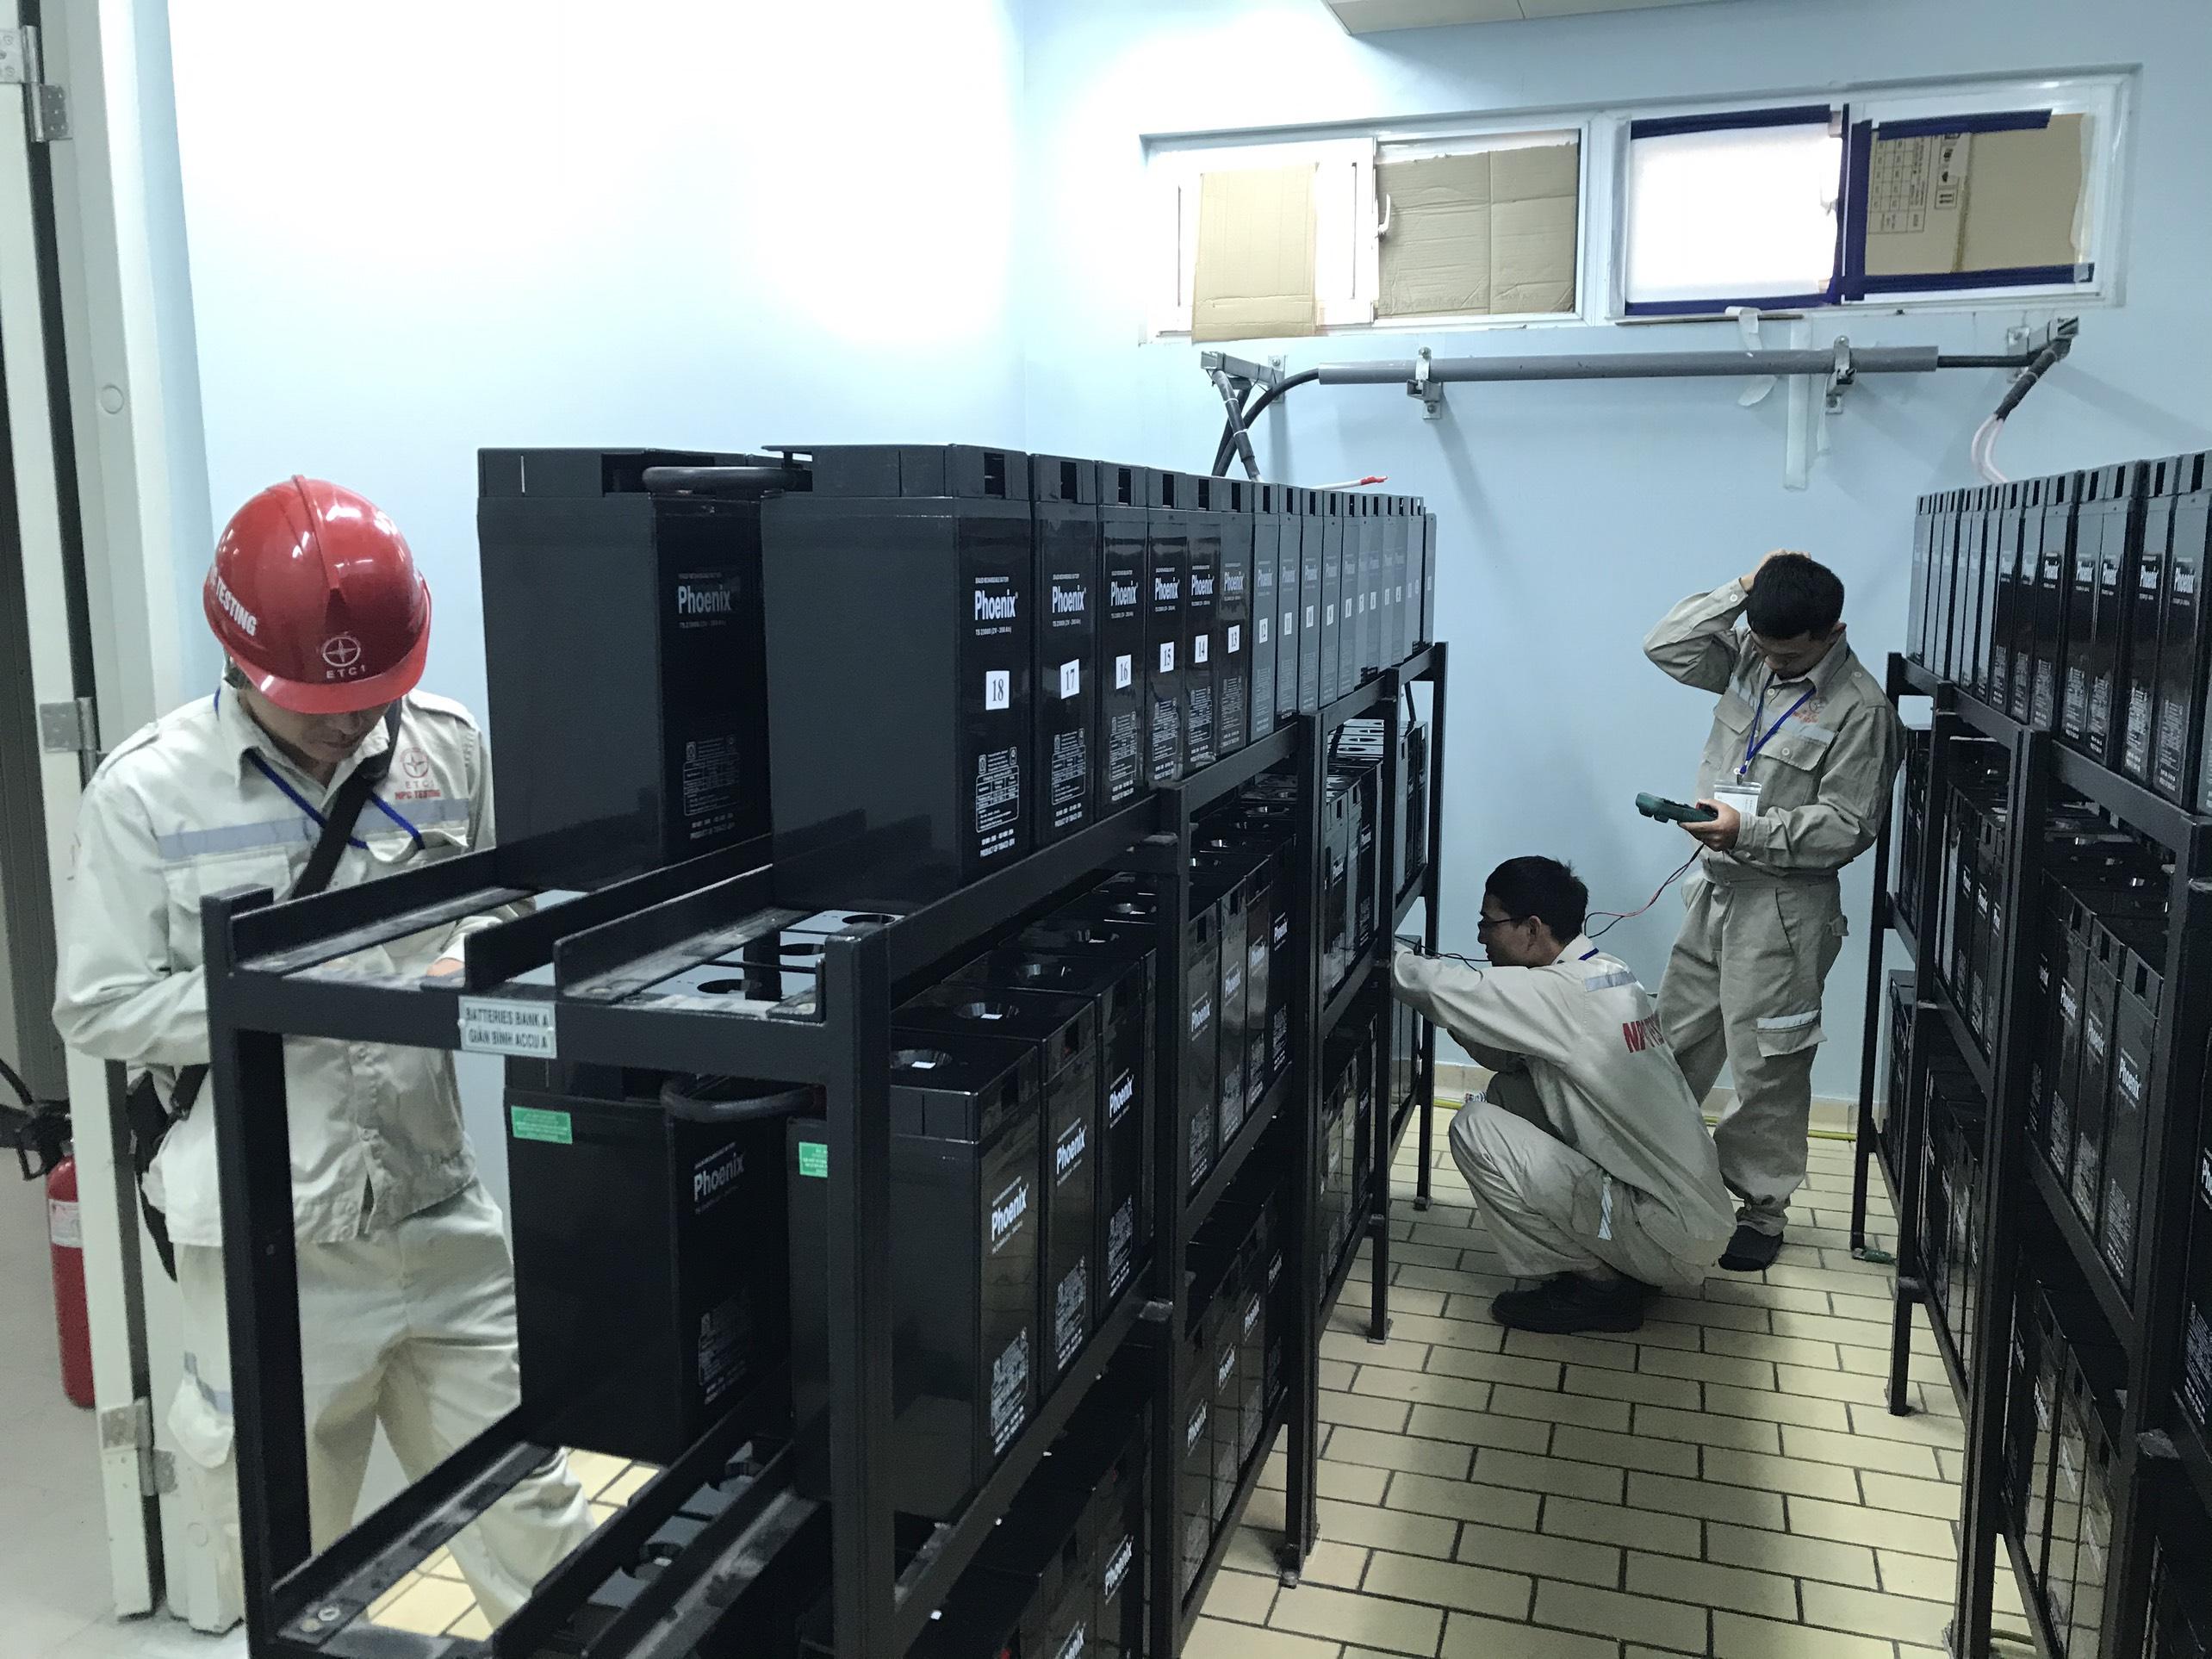 Thí nghiệm xả nạp hệ thống ắc quy 220v DC